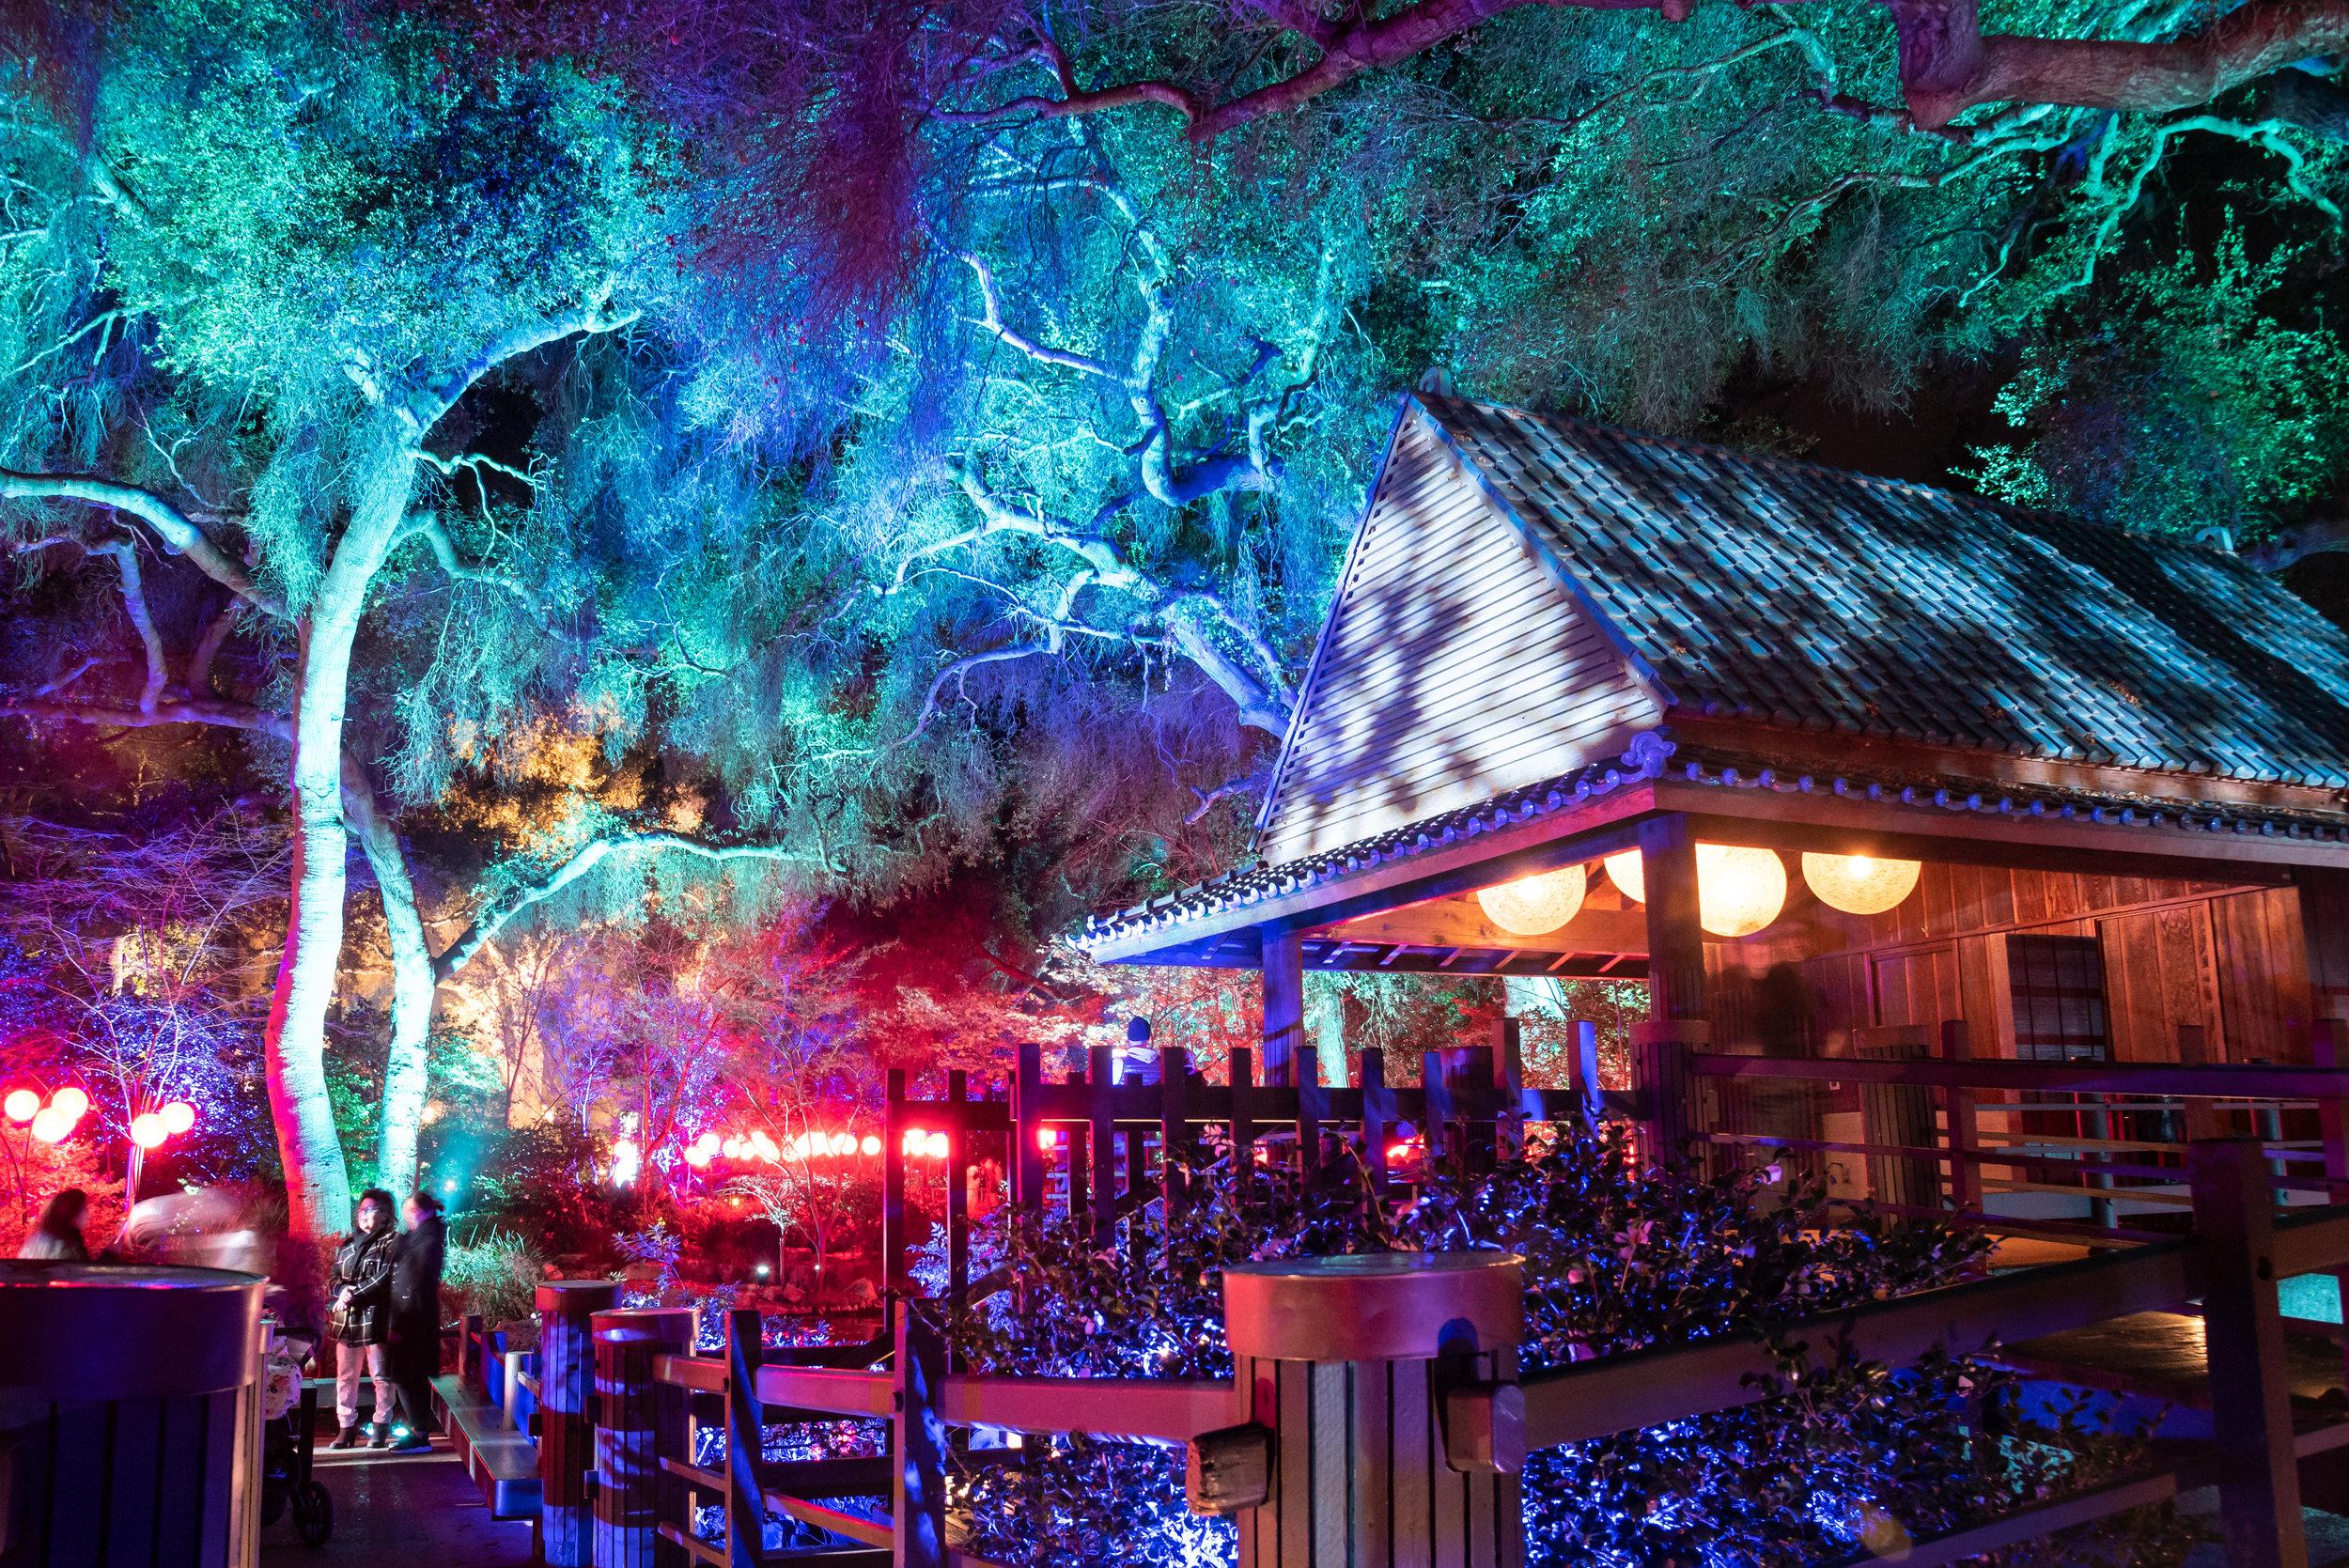 Tea House Descanso Gardens, La Canada, CA